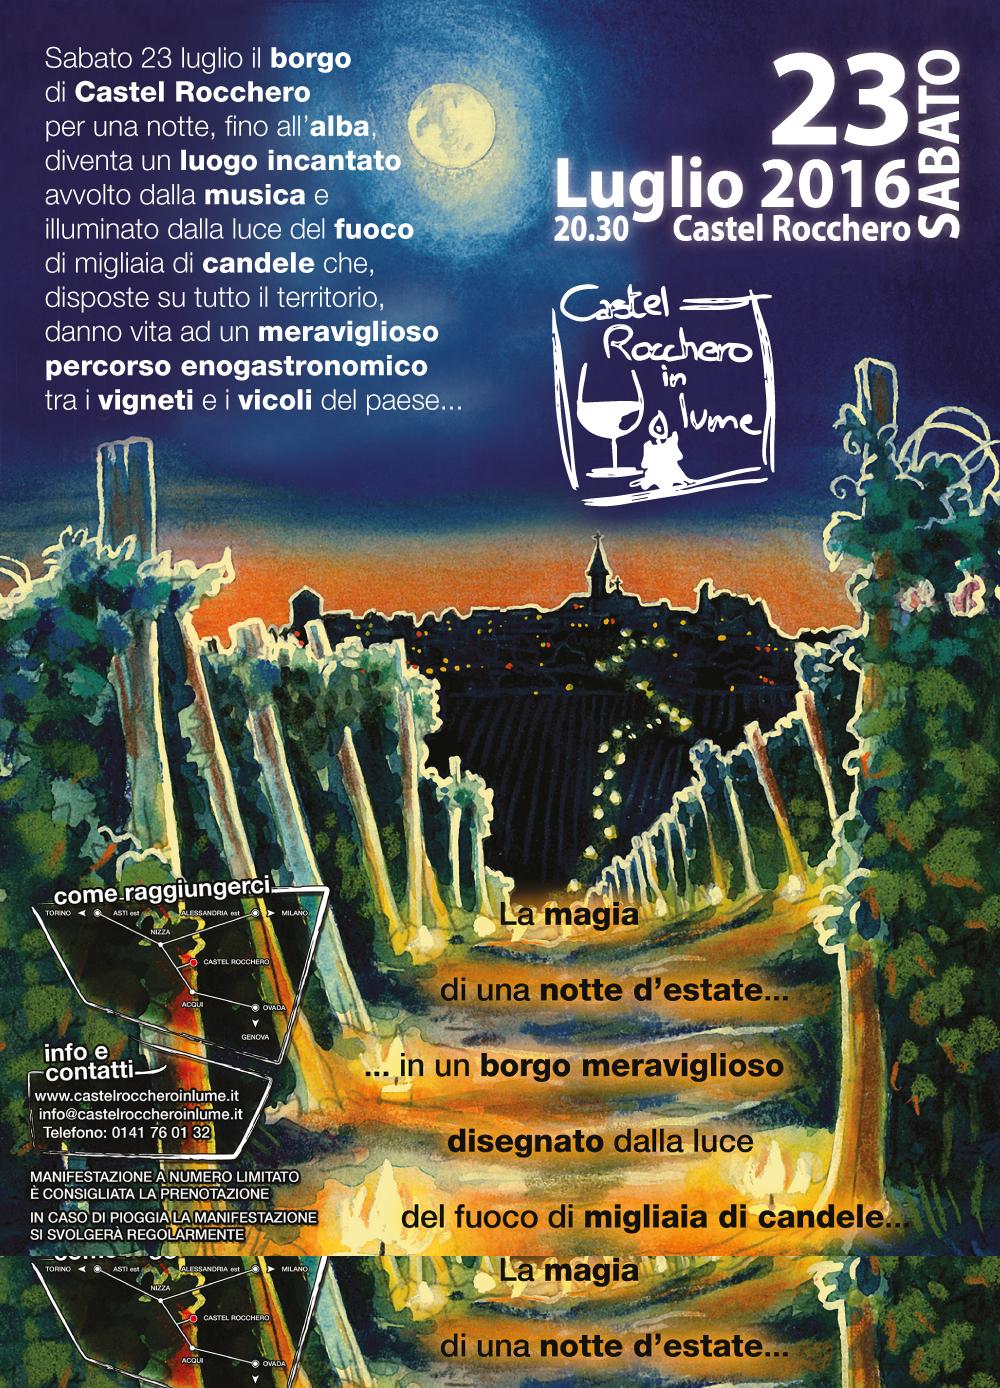 Castel Rocchero in Lume: la suggestiva passeggiata dal tramonto all'alba tra i vigneti e il borgo